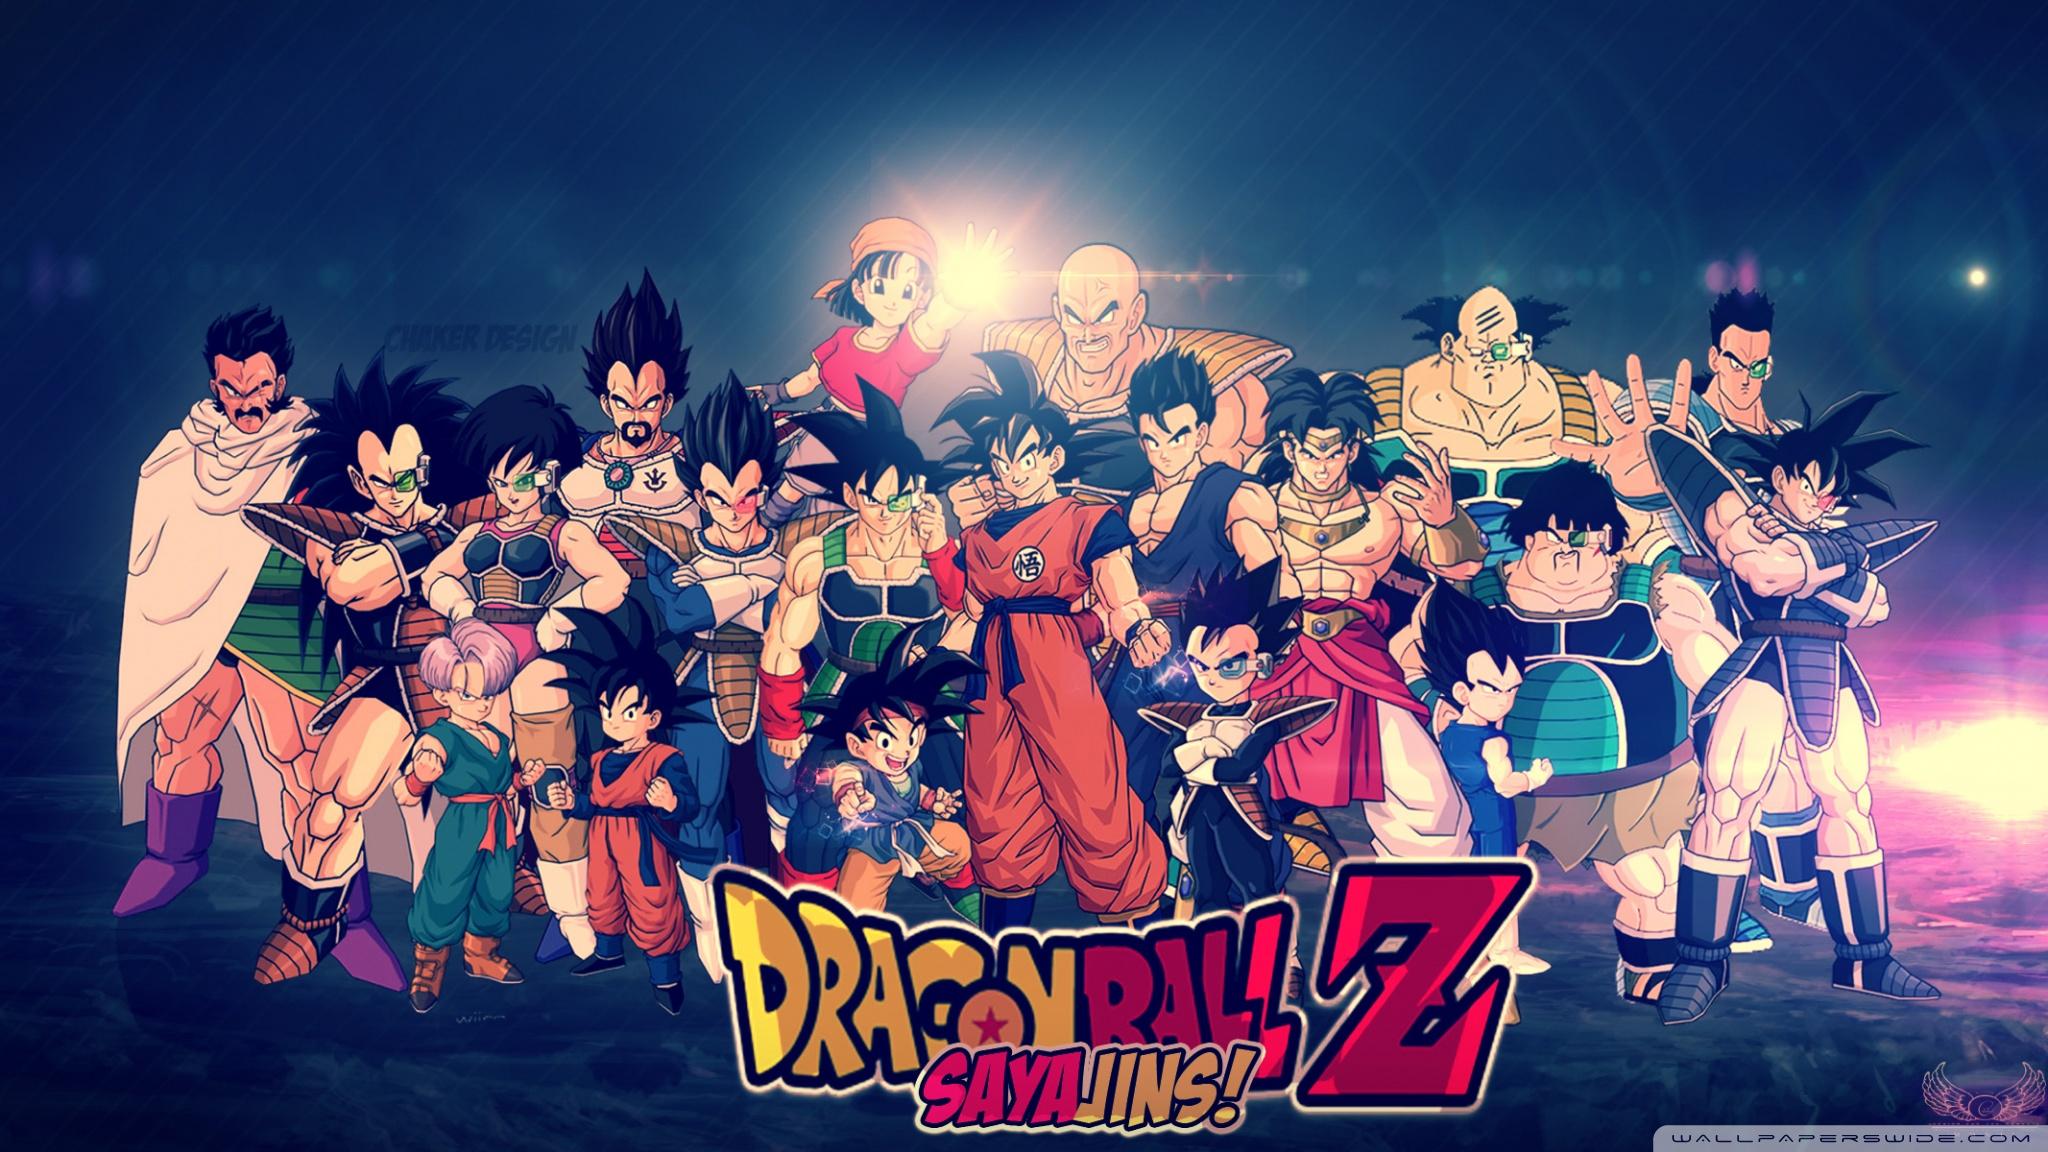 HD Dragon Ball Z Desktop Wallpapers Download 2048x1152